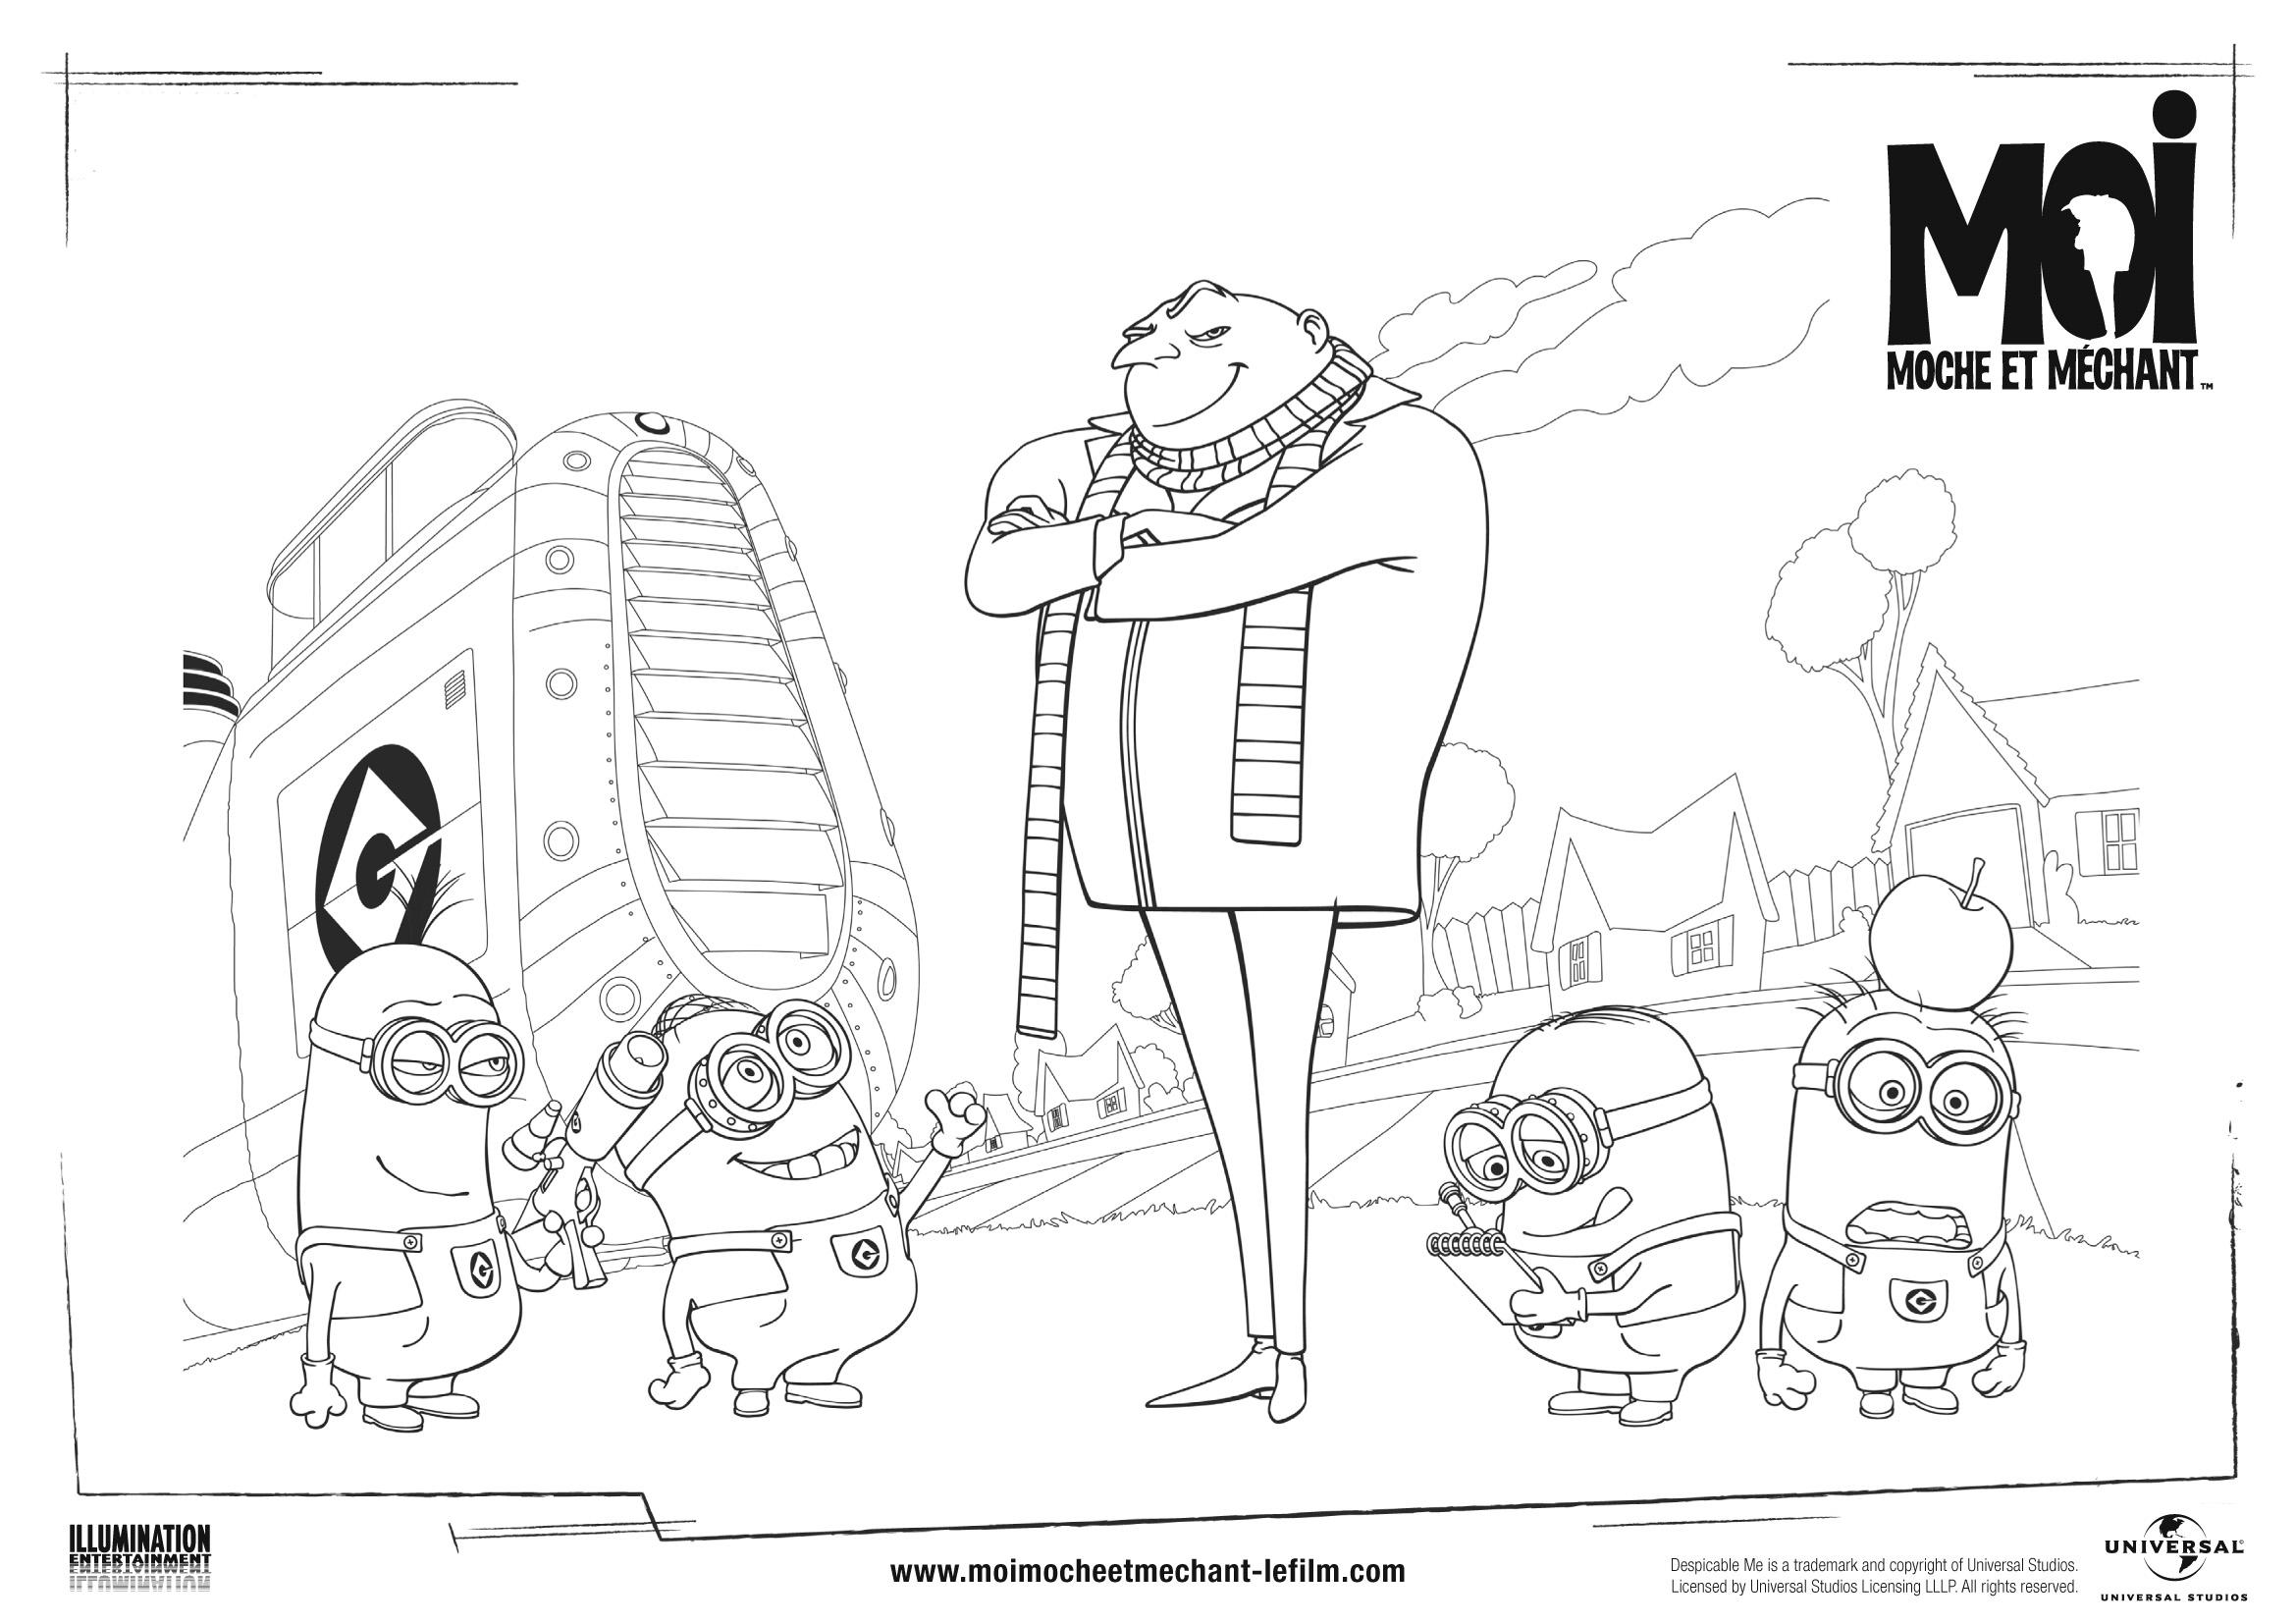 Le mechant Gru et les minions